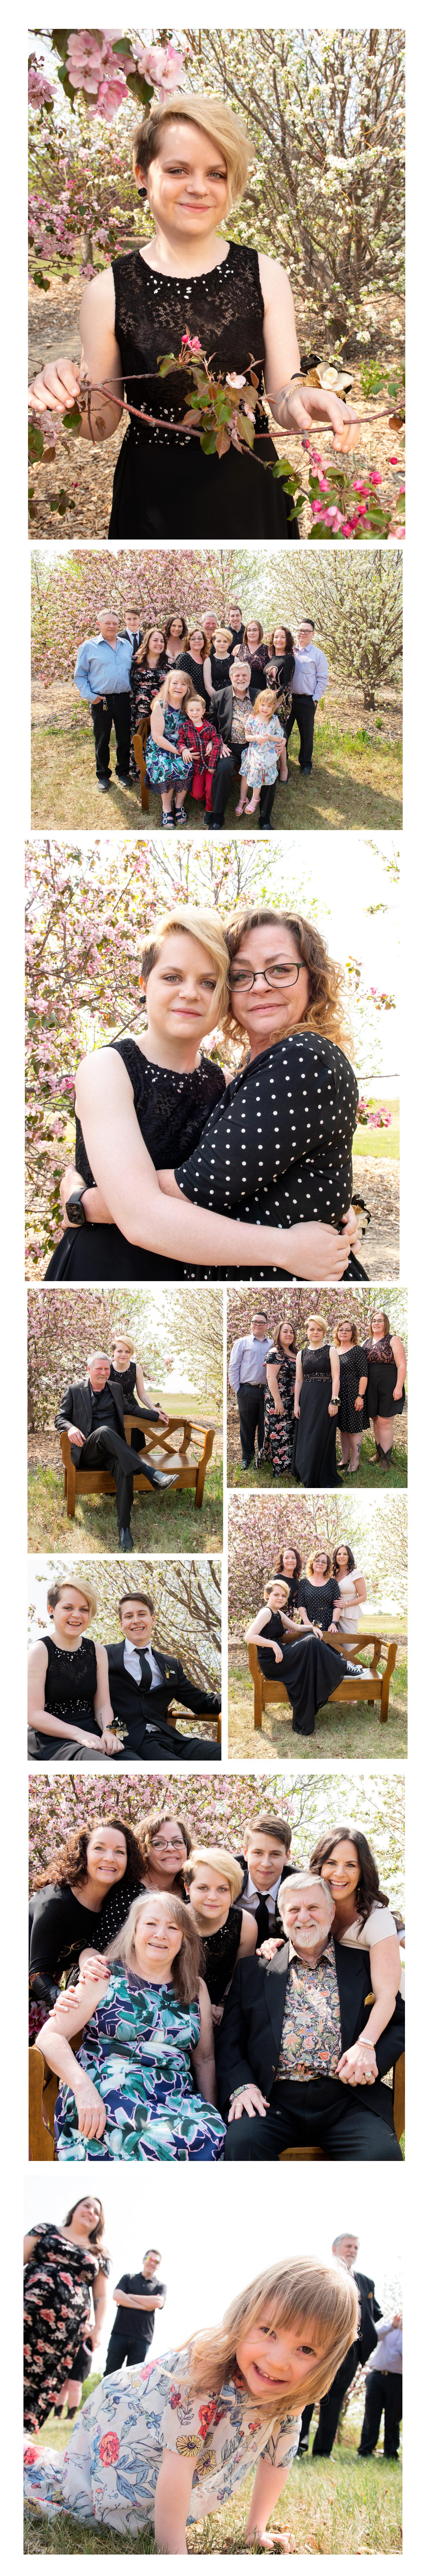 graduation-family-photos-free-lense-photo.com.jpg